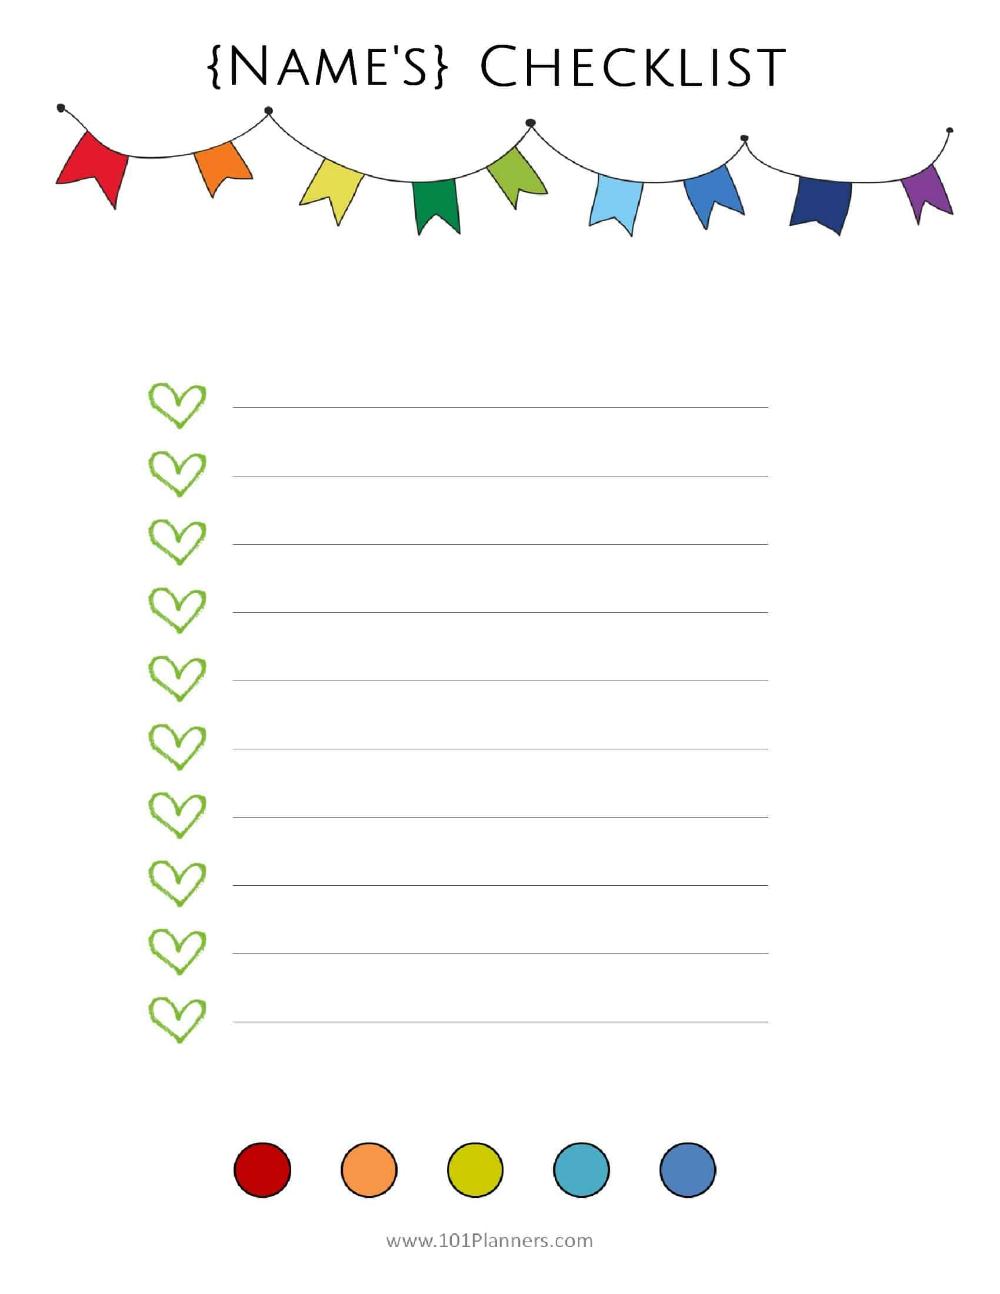 Free Checklist Template Use The Checklist Maker Online Or Print The List Checklist Template Printable Bucket List Free Printable Bucket List